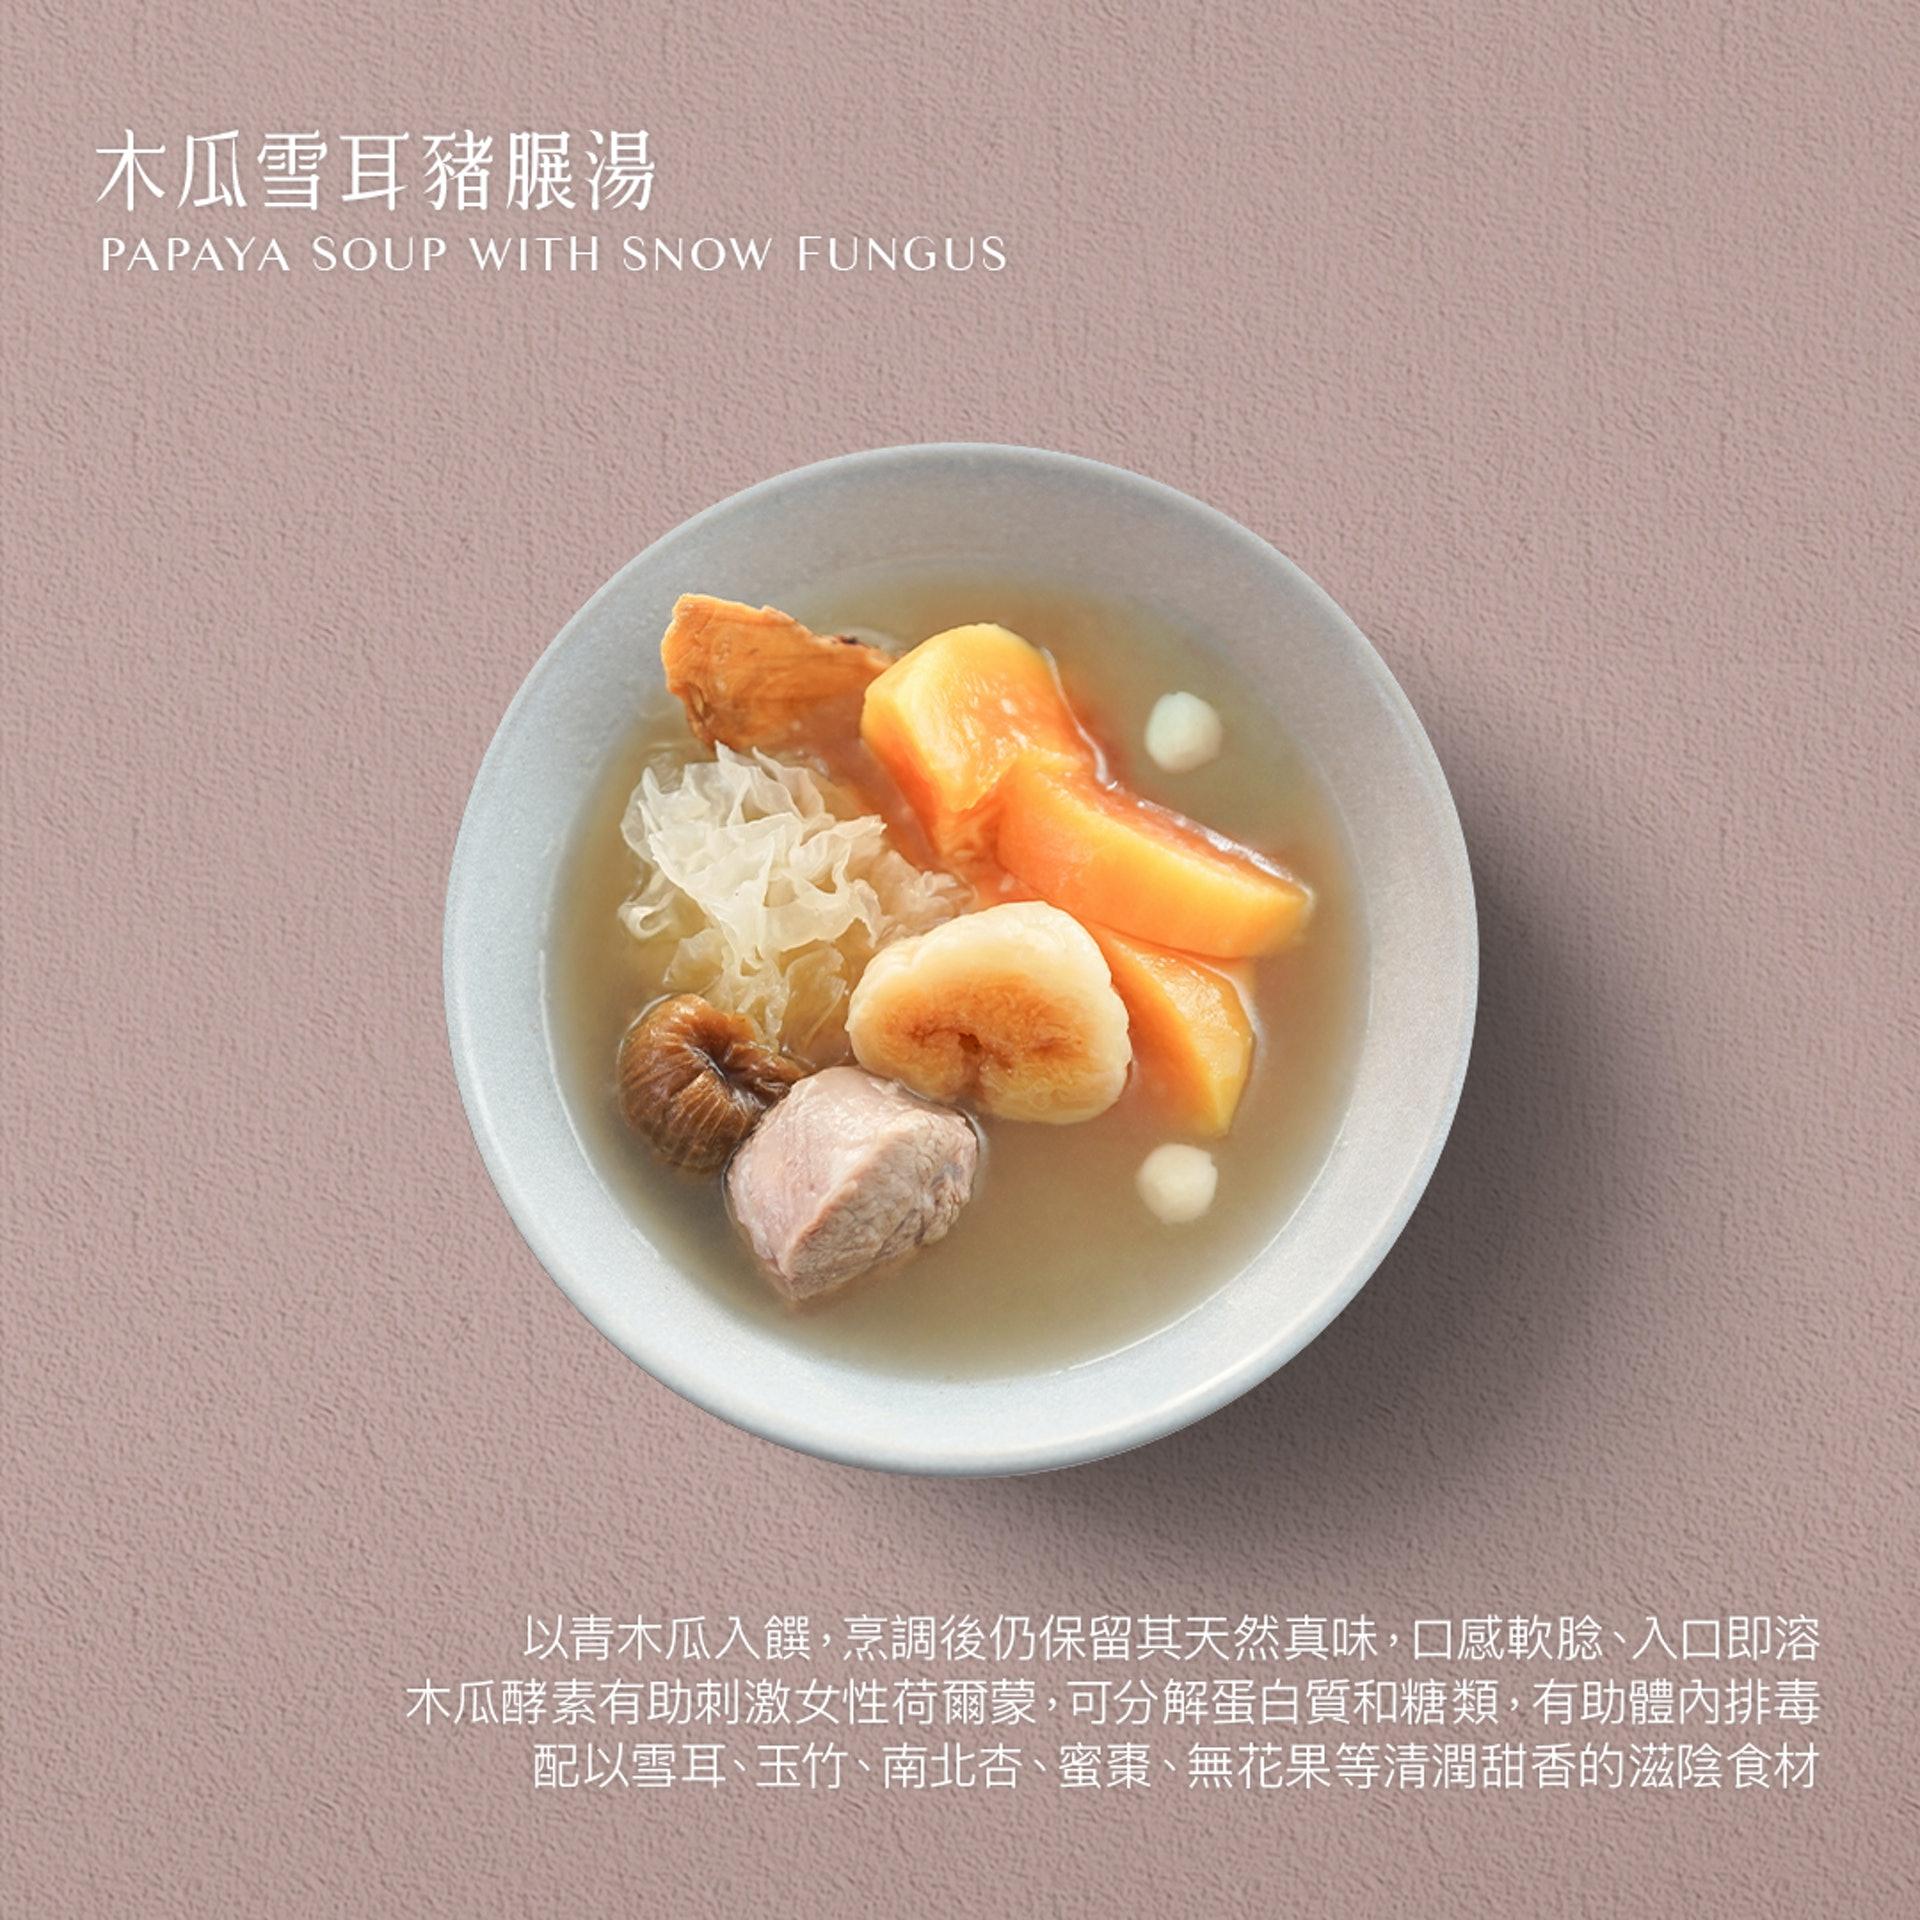 清潤甜香的木瓜雪耳豬𦟌湯可助舒緩入秋乾燥不適,而且木瓜和雪耳有助養顏潤膚。(圖片:moonwell)